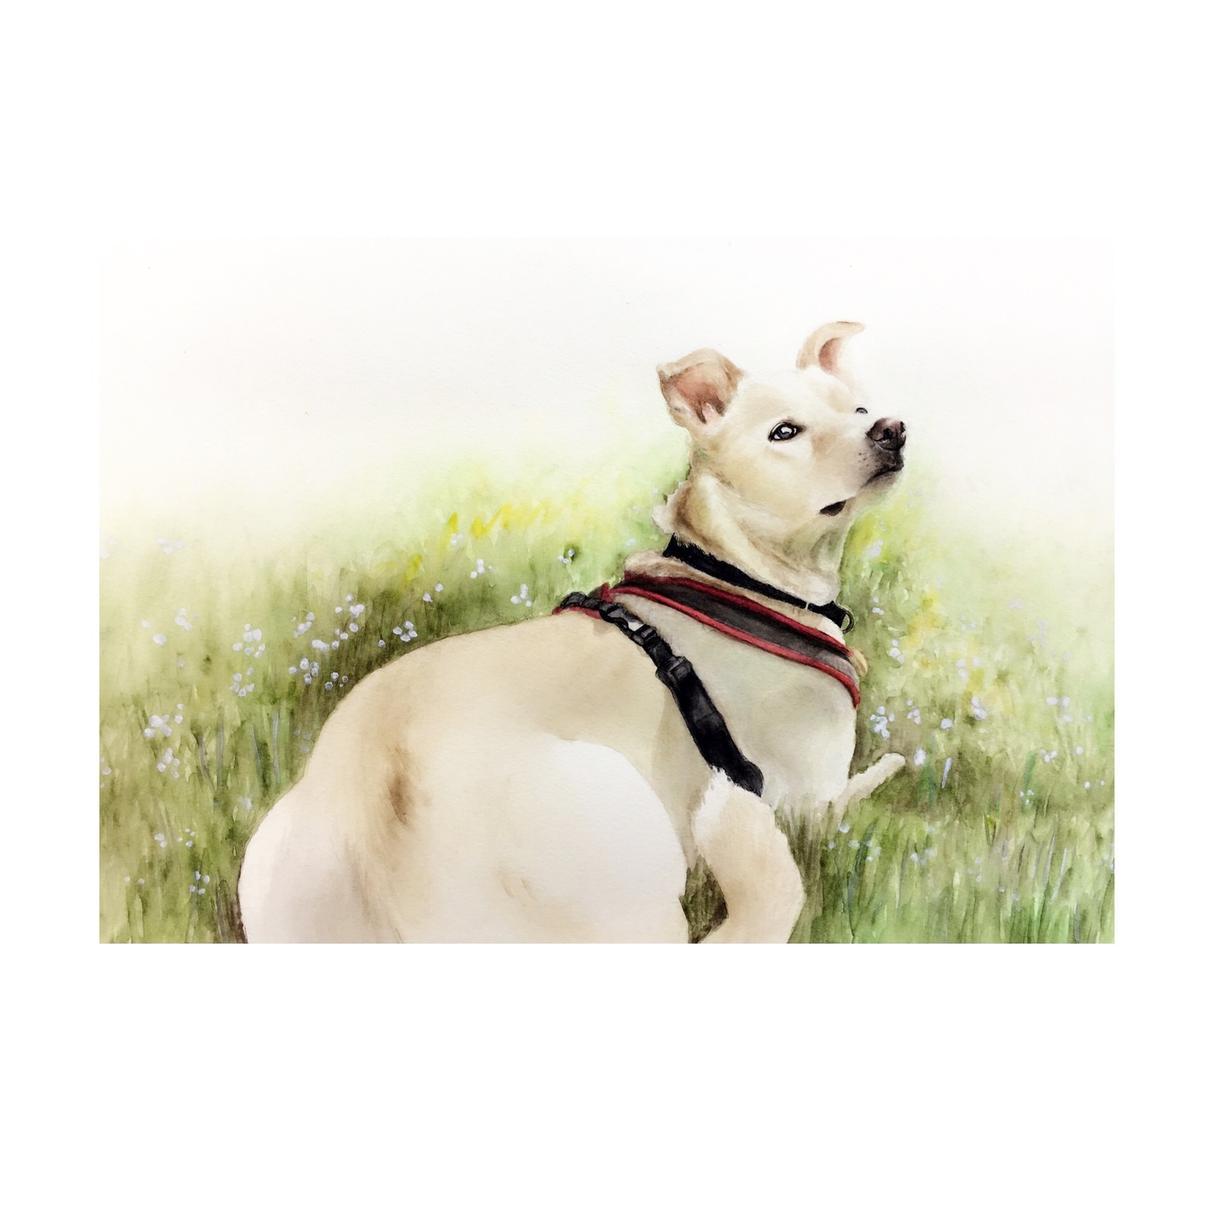 ペットやお好きな動物の似顔絵イラストを描きます プレゼントやペットとの思い出にいかがですか?